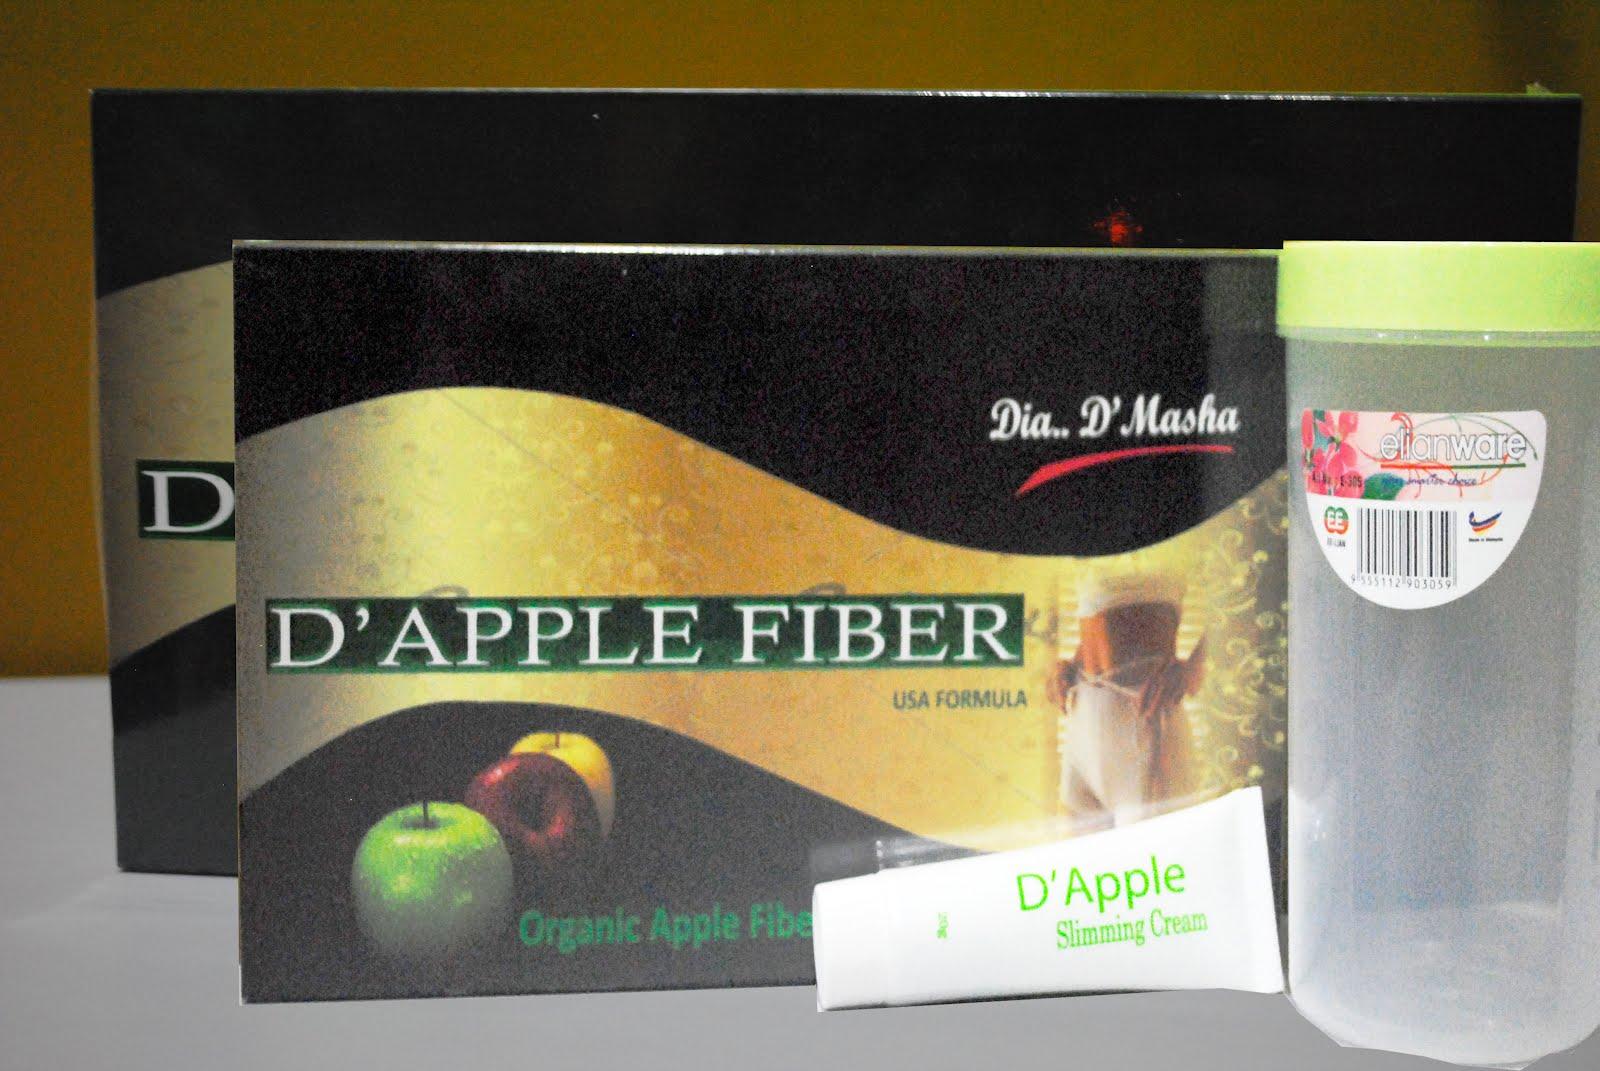 DMasha DApple Fiber